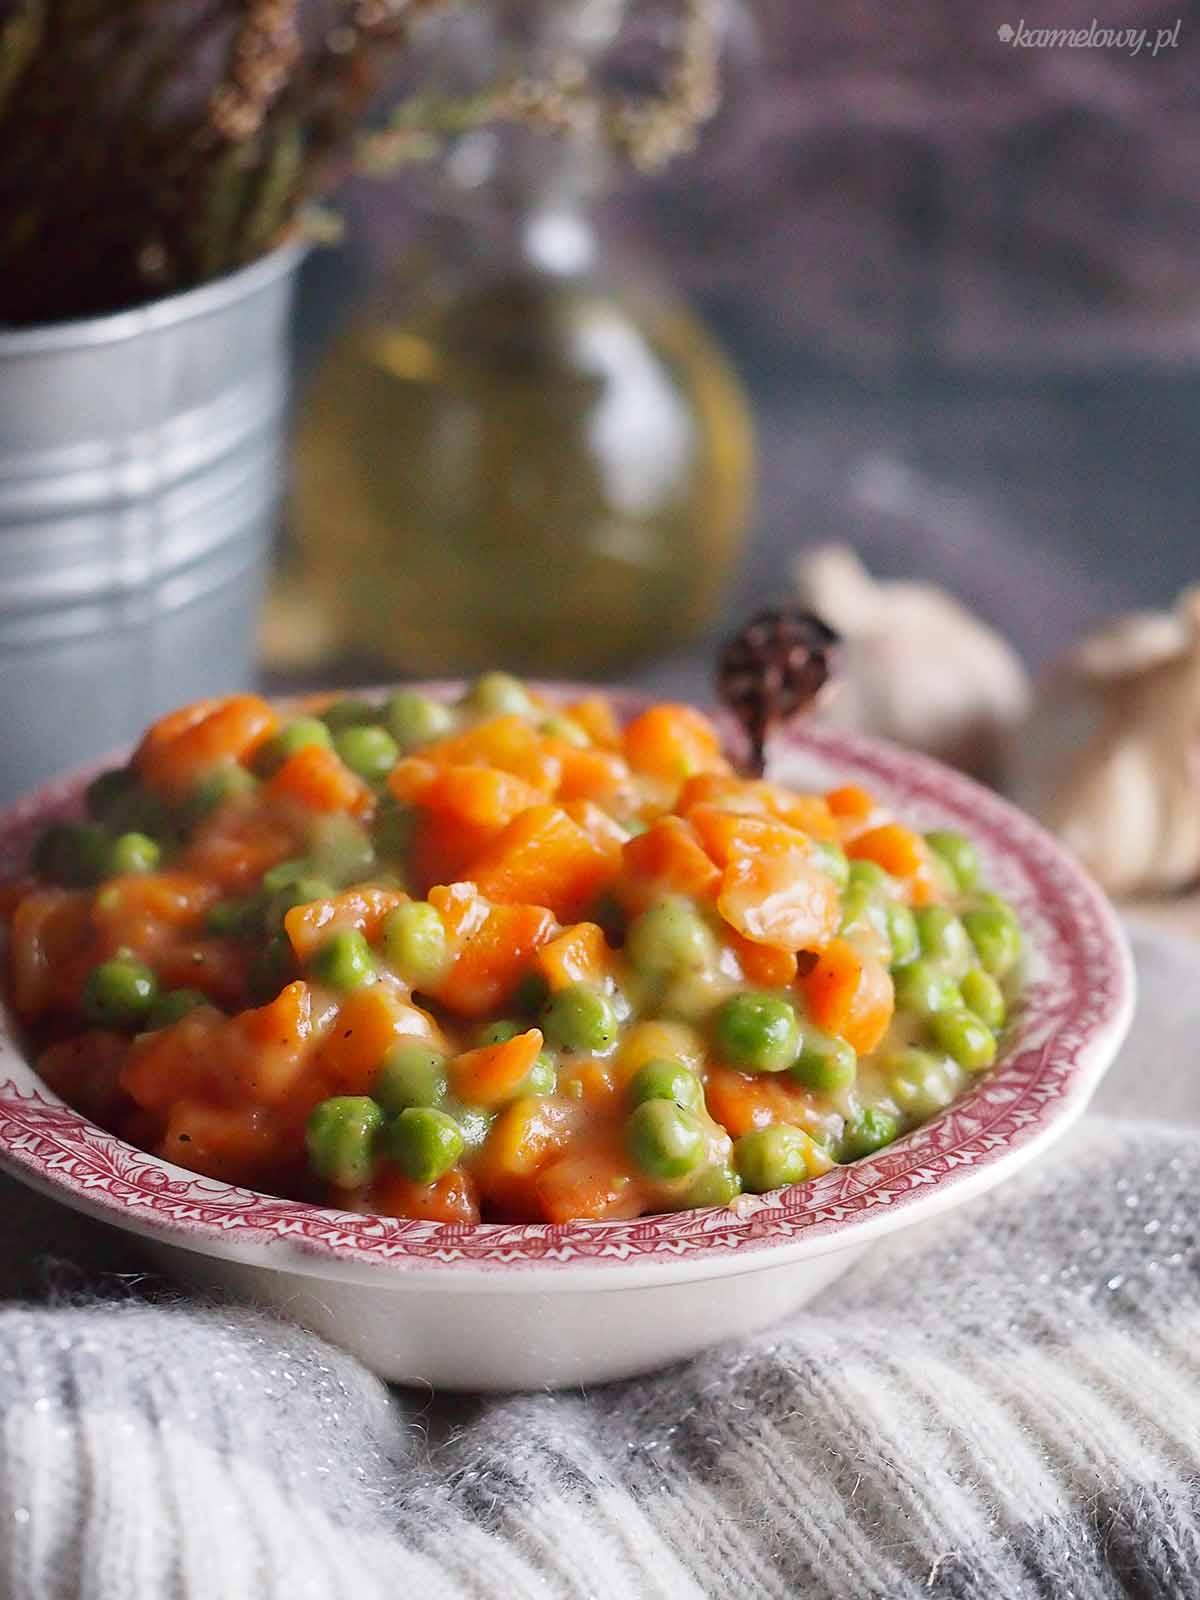 Zasmazana-marchewka-z-groszkiem-Carrots-with-peas